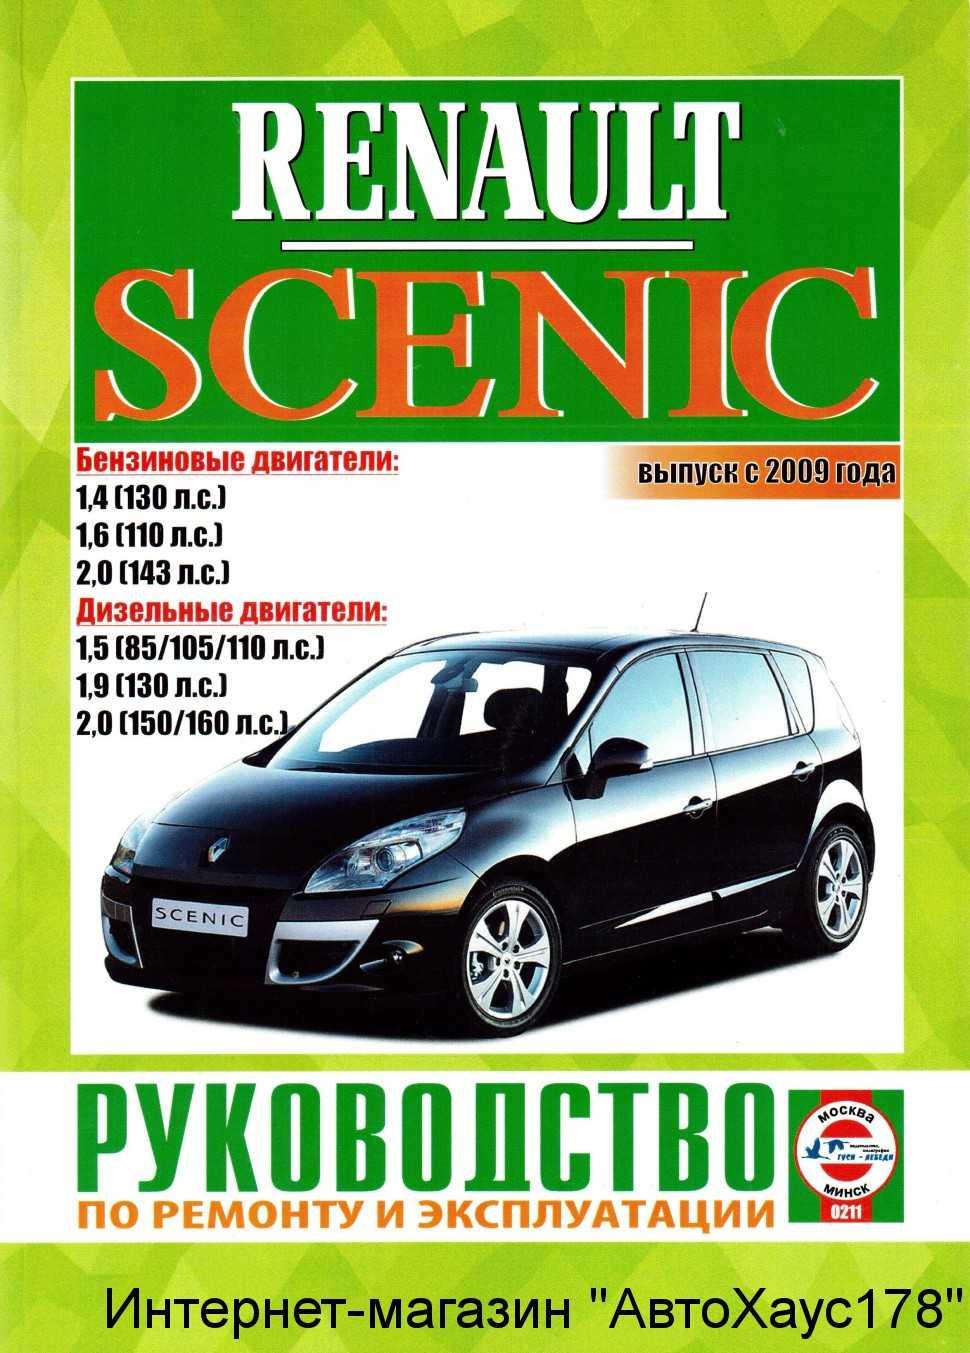 Renault megane ii diesel руководство по эксплуатации, техническому обслуживанию и ремонту